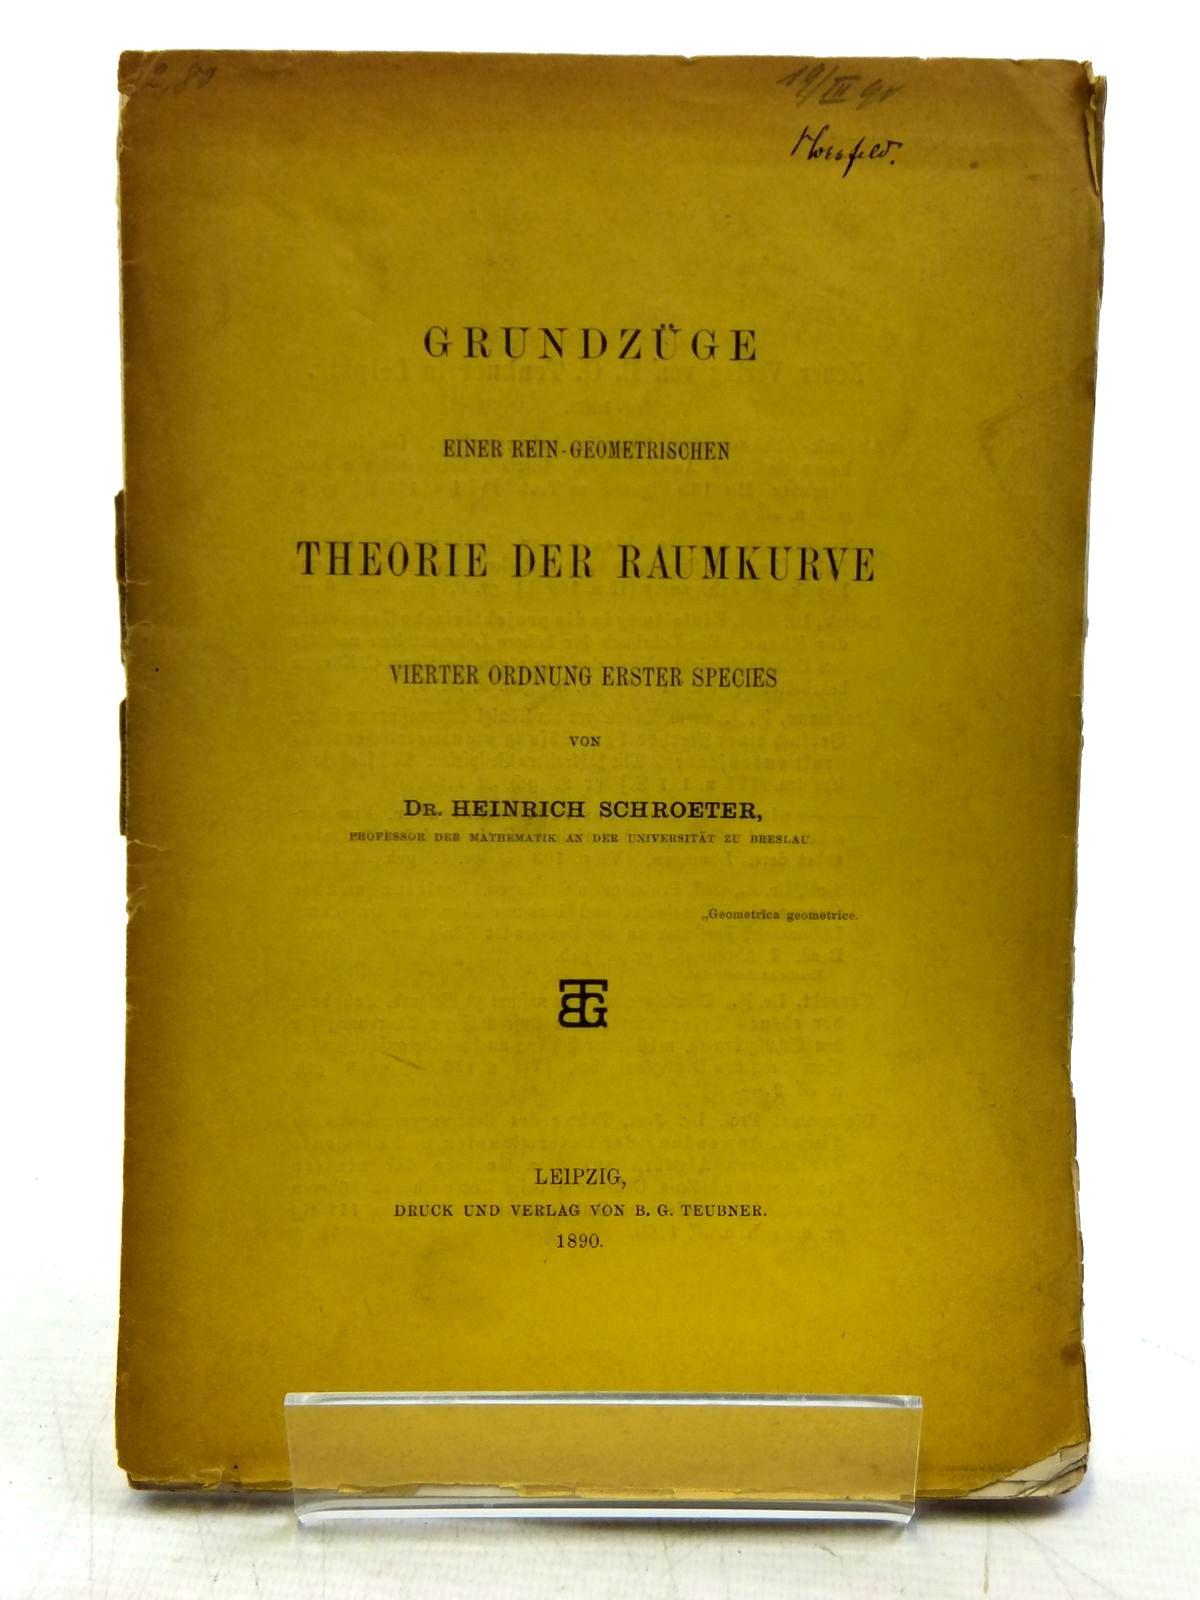 Photo of GRUNDZUGE EINER REIN-GEOMETRISCHEN THEORIE DER RAUMKURVE written by Schroeter, Heinrich published by Druck Und Verlag Von B.G. Teubner (STOCK CODE: 2120458)  for sale by Stella & Rose's Books